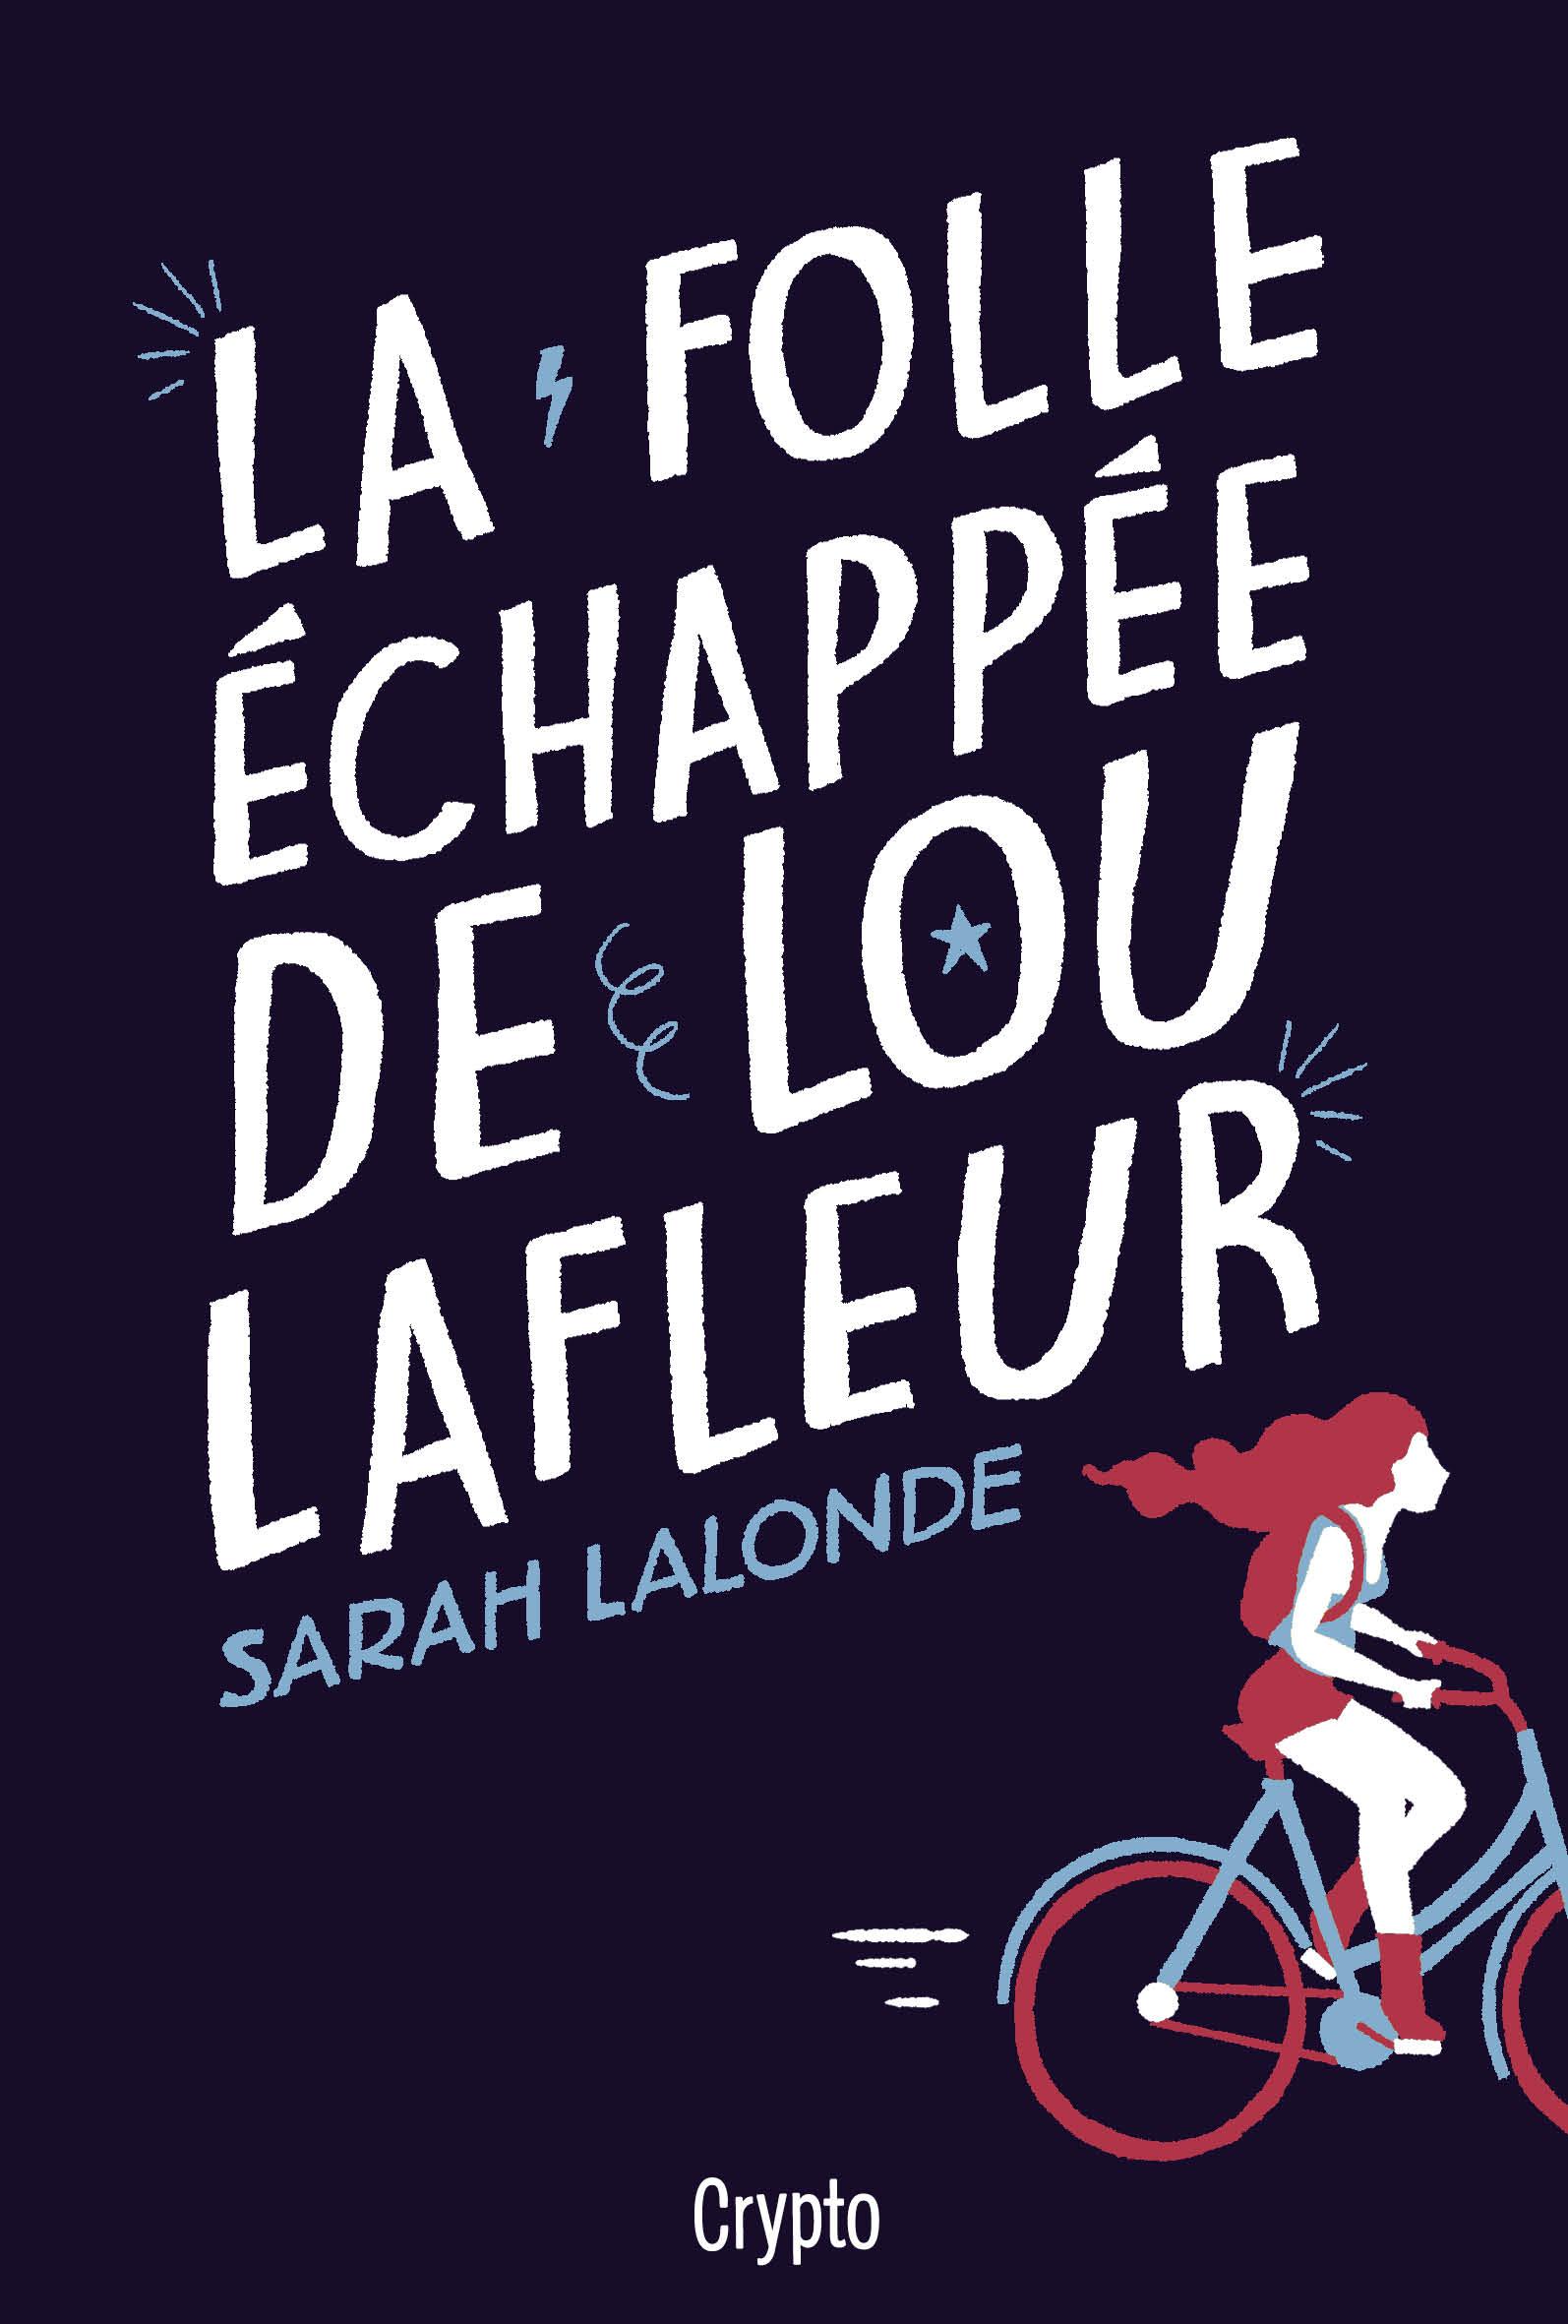 La folle échappée de Lou Lafleur